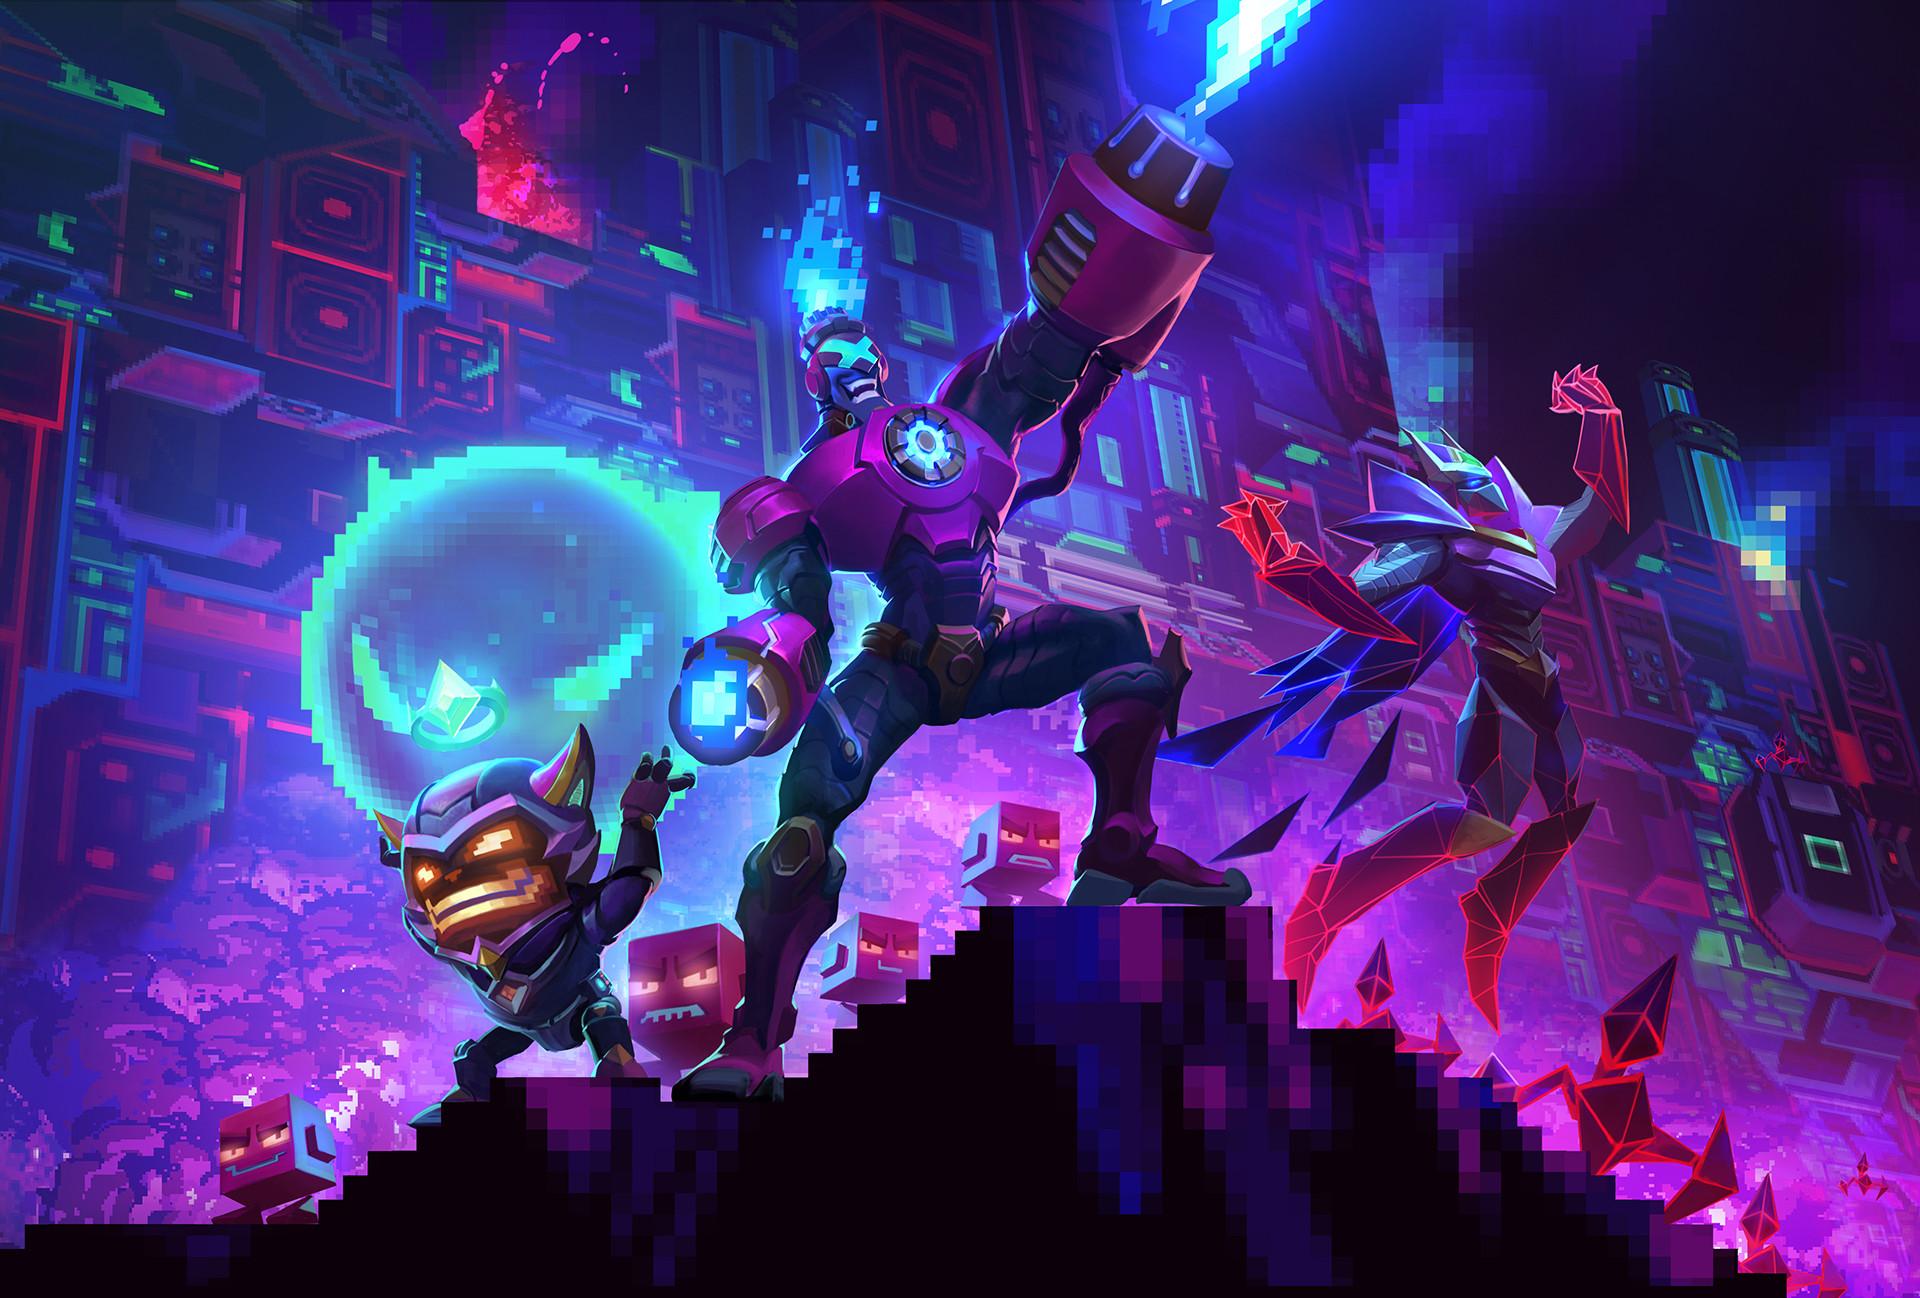 Arcade 2017 (Battle Boss Brand, Malzahar, Ziggs) Promo HD Wallpaper  Background Official